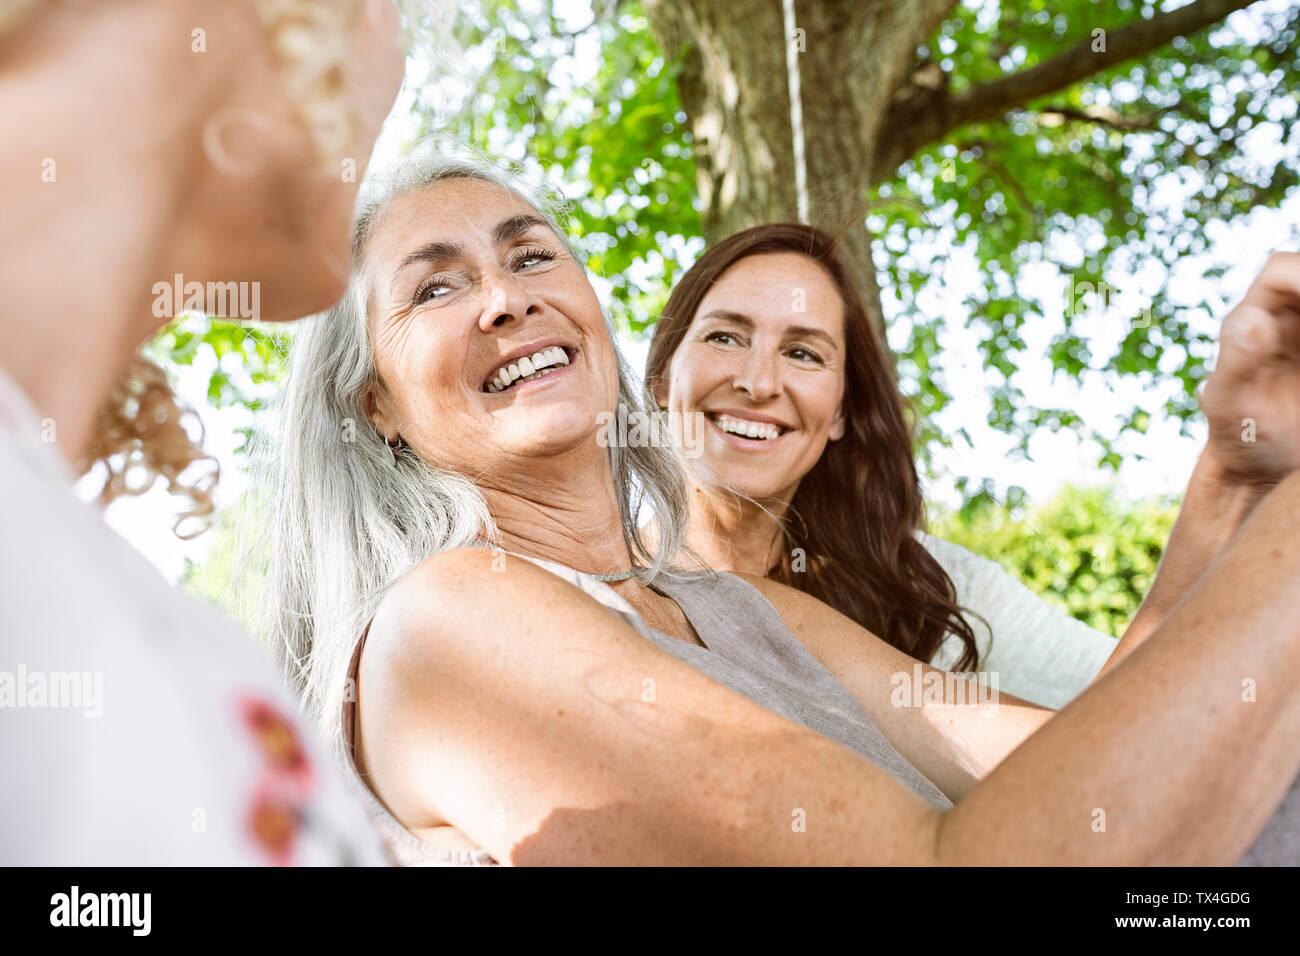 Le donne di una famiglia relax nel giardino, seduto su un letto di oscillazione Foto Stock